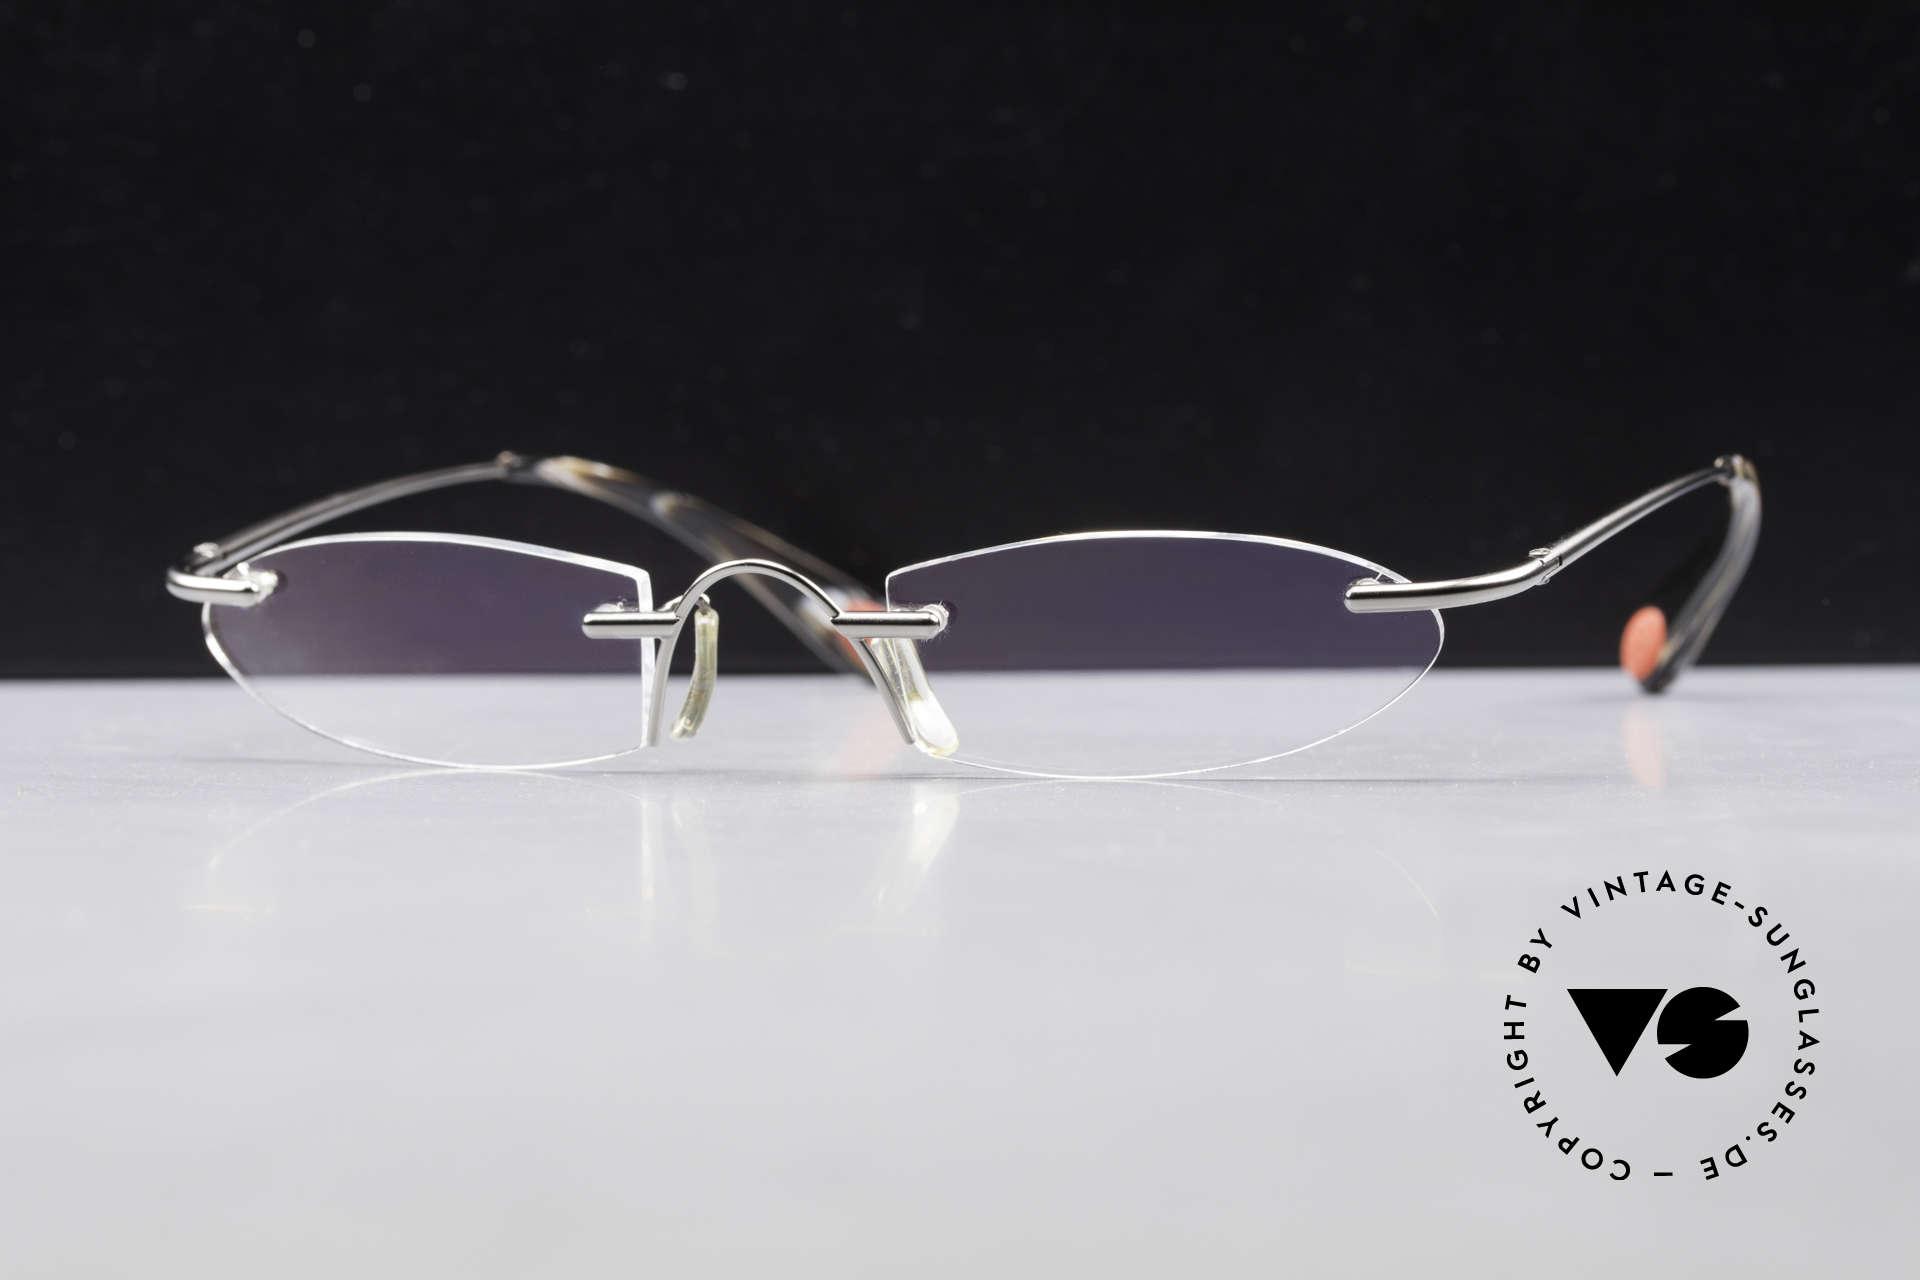 Bugatti 355 Odotype Rimless Designer Frame Men, RIMLESS eyeglasses with special lens shape, Made for Men